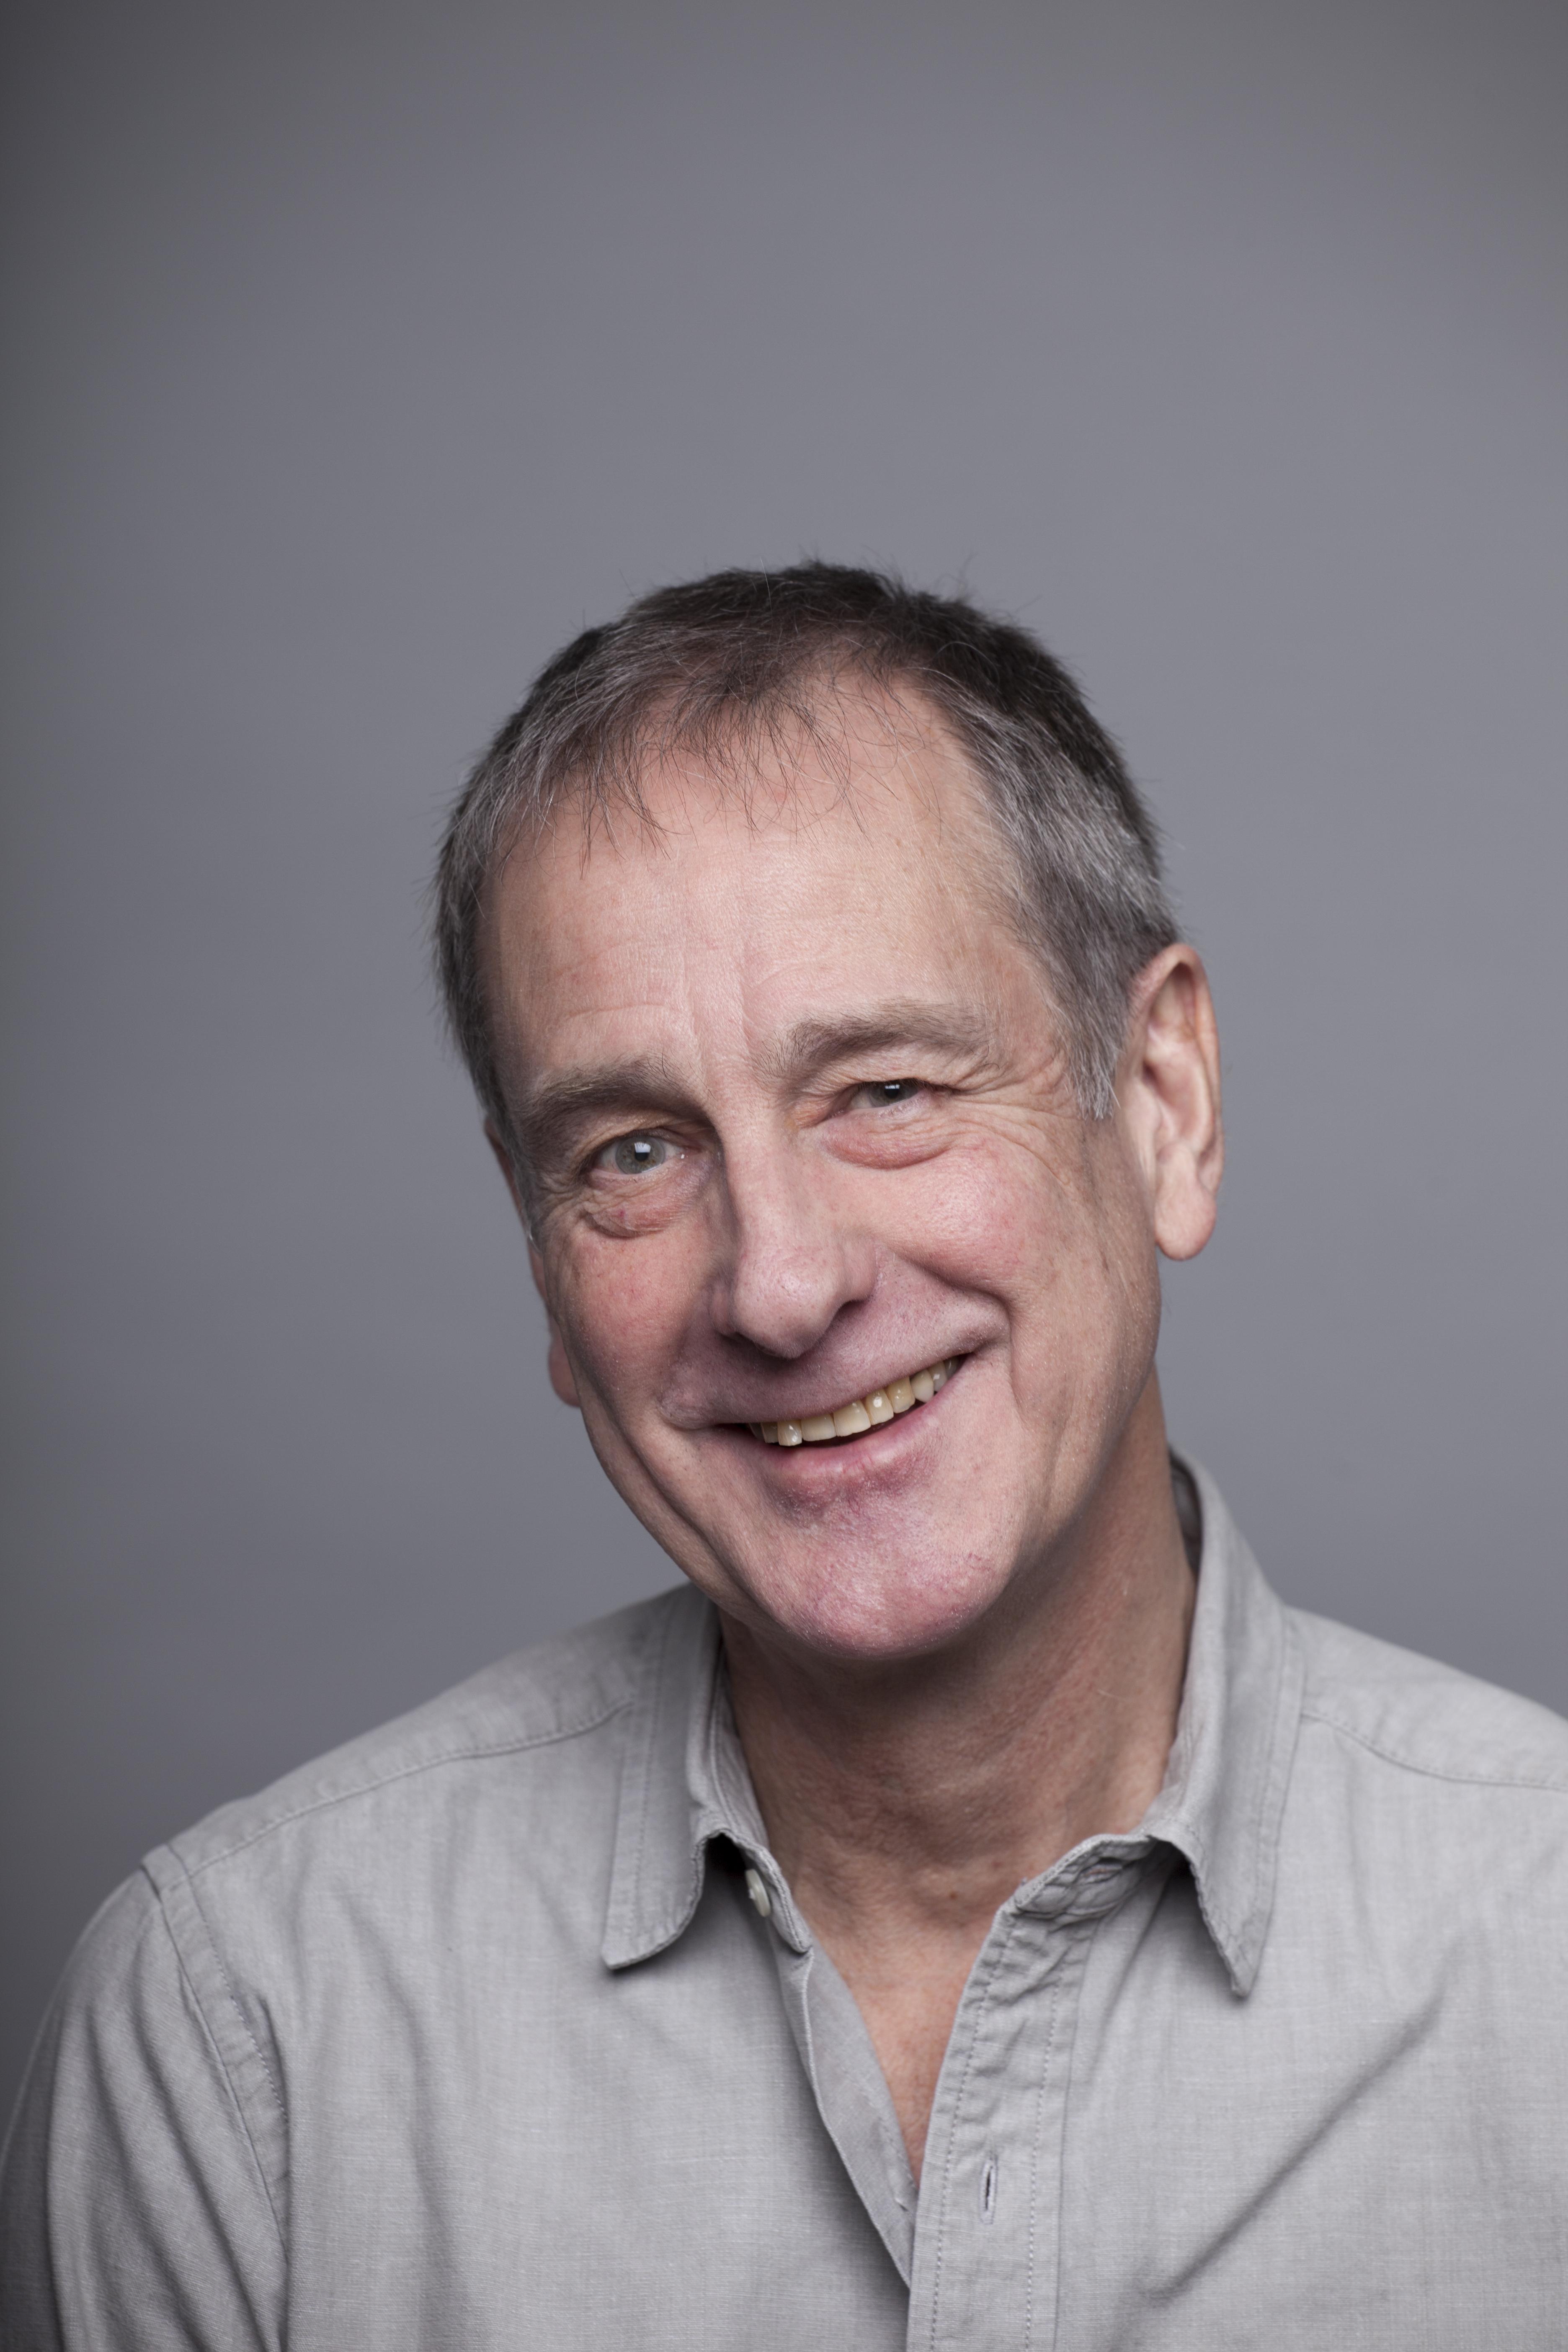 Keith Hague